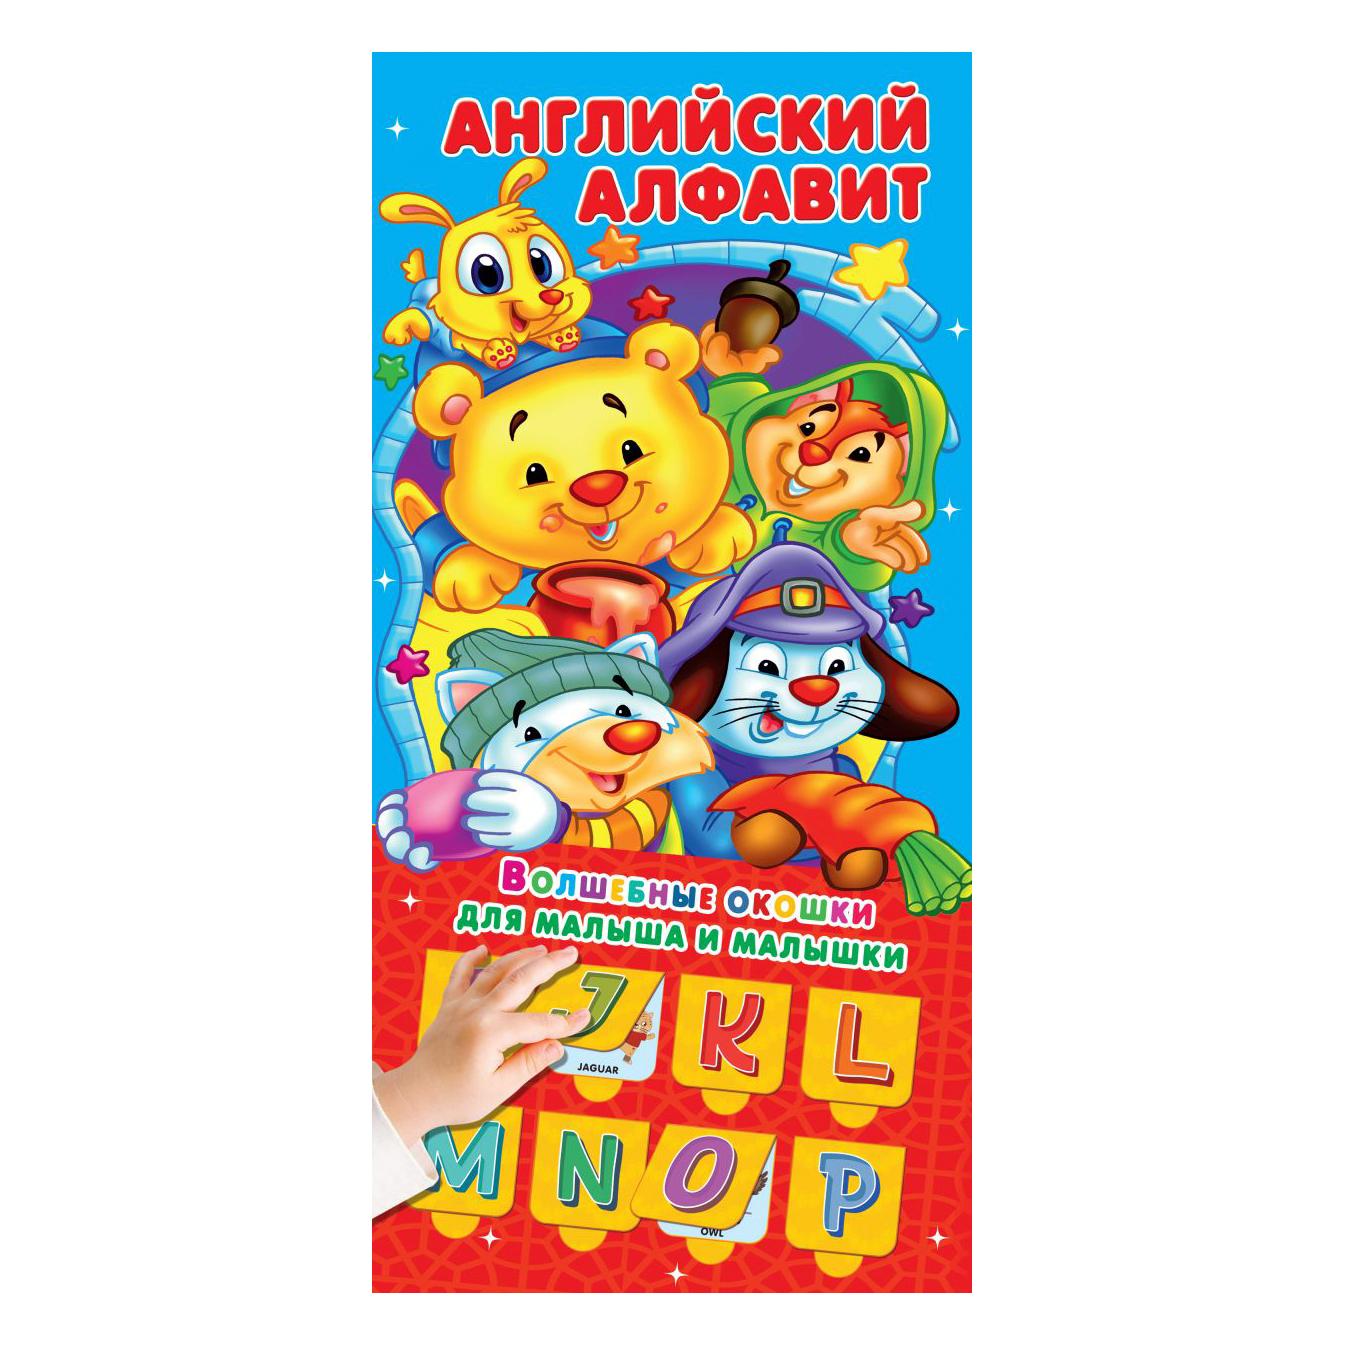 Книга АСТ Английский алфавит 32 окошка животные 32 окошка